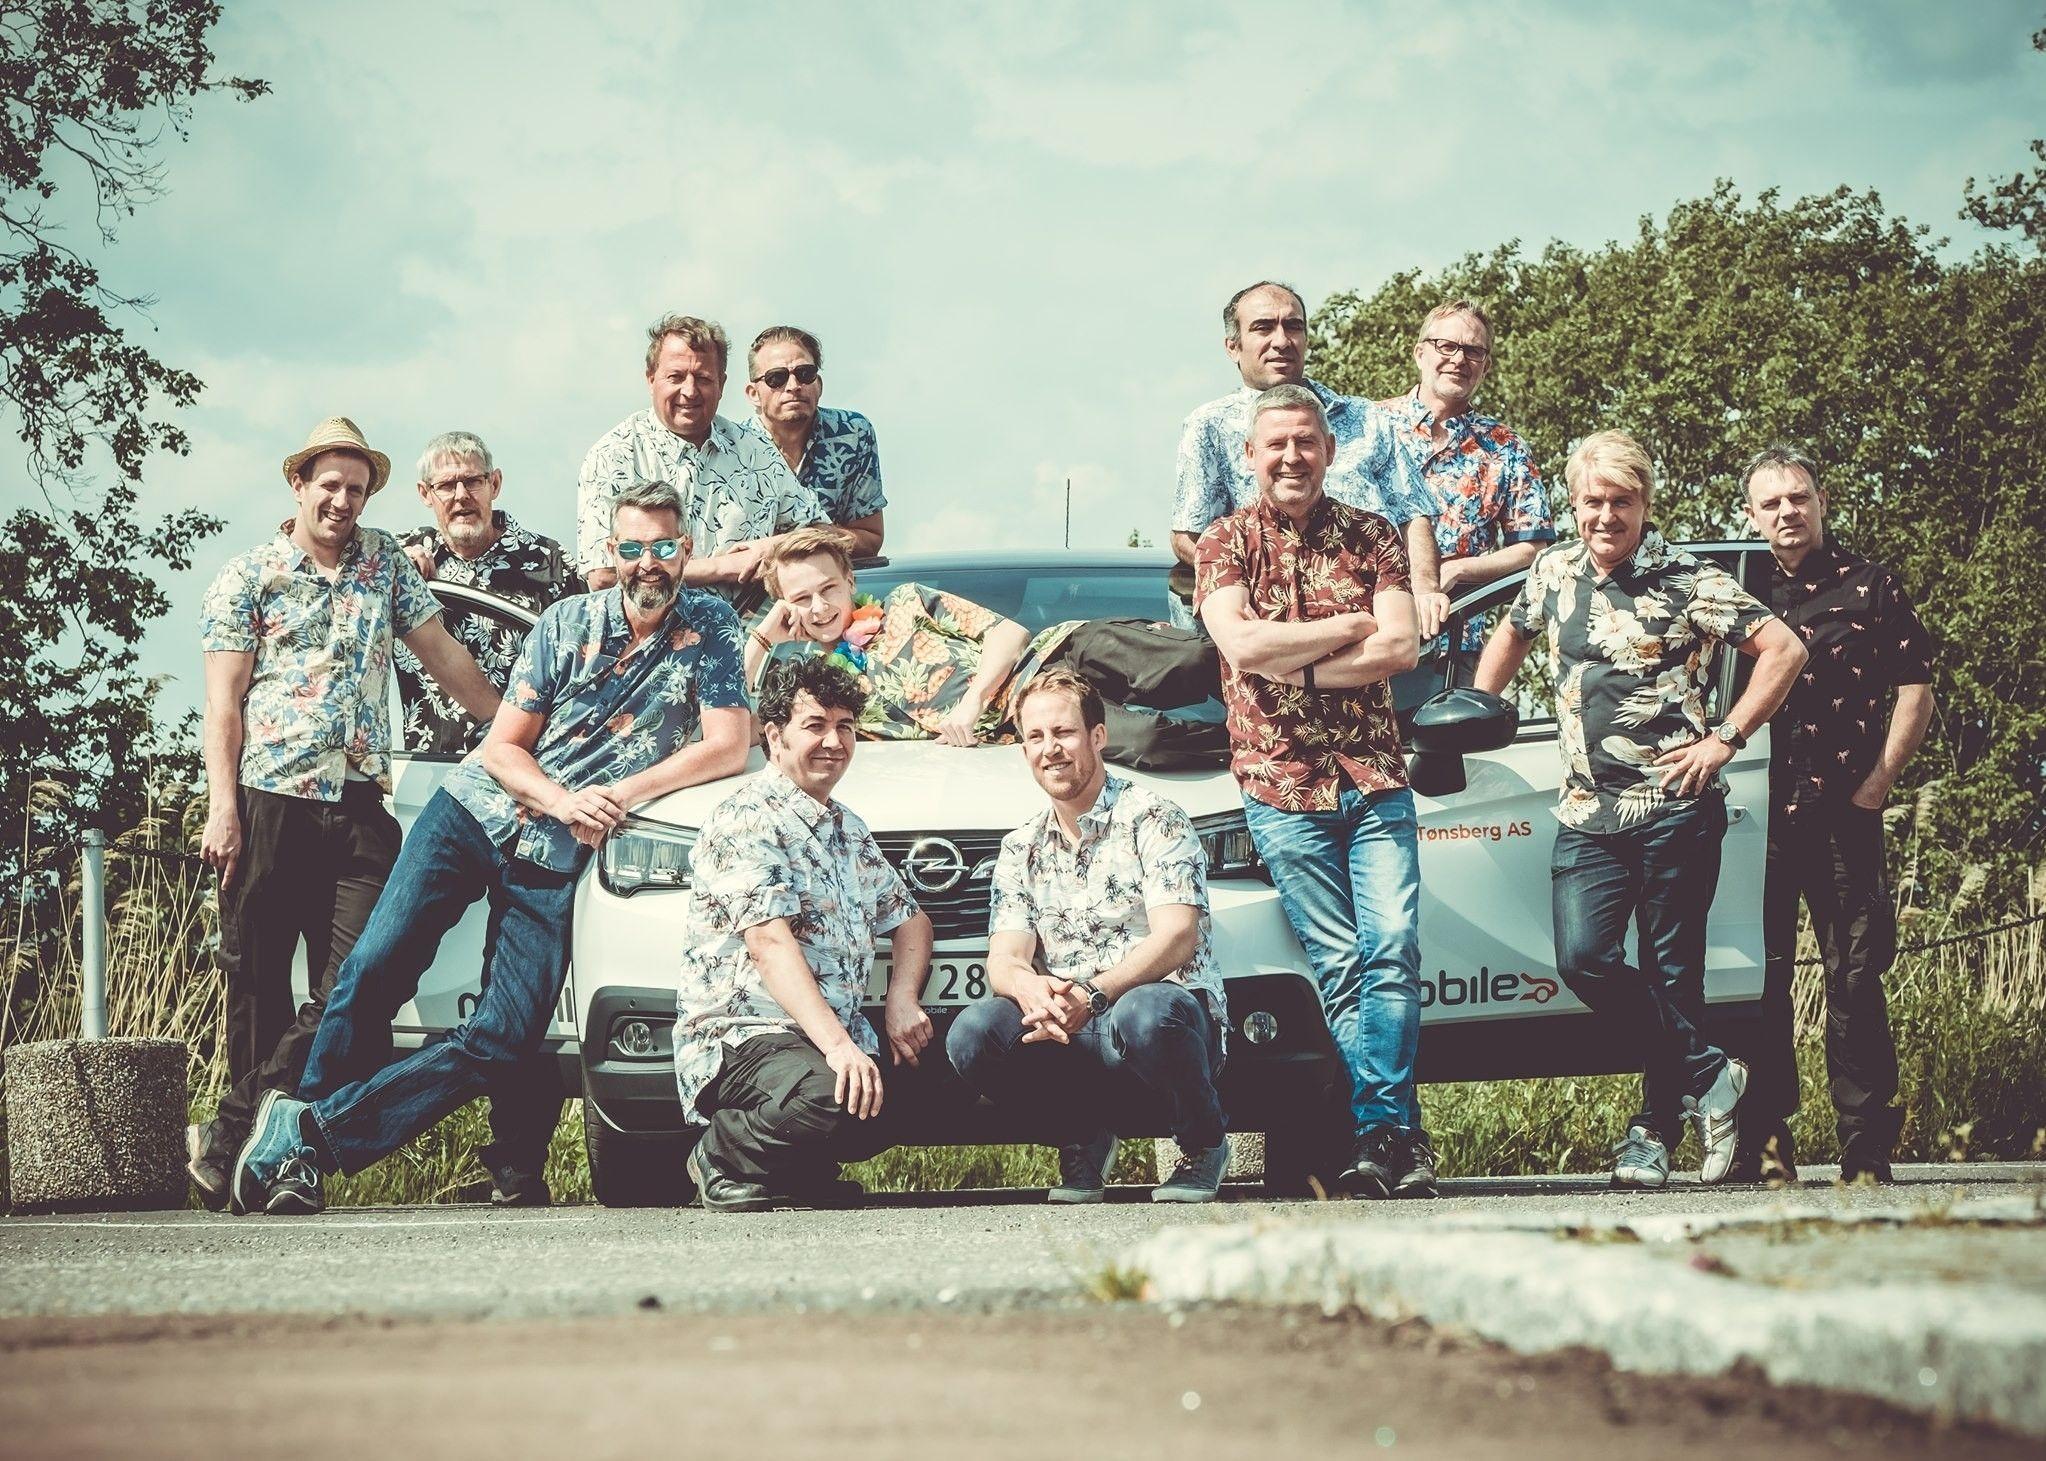 SAMMENSVEISET GJENG: Mobile Tønsberg er opptatt av å investere i de ansatte, og å ha det gøy sammen.